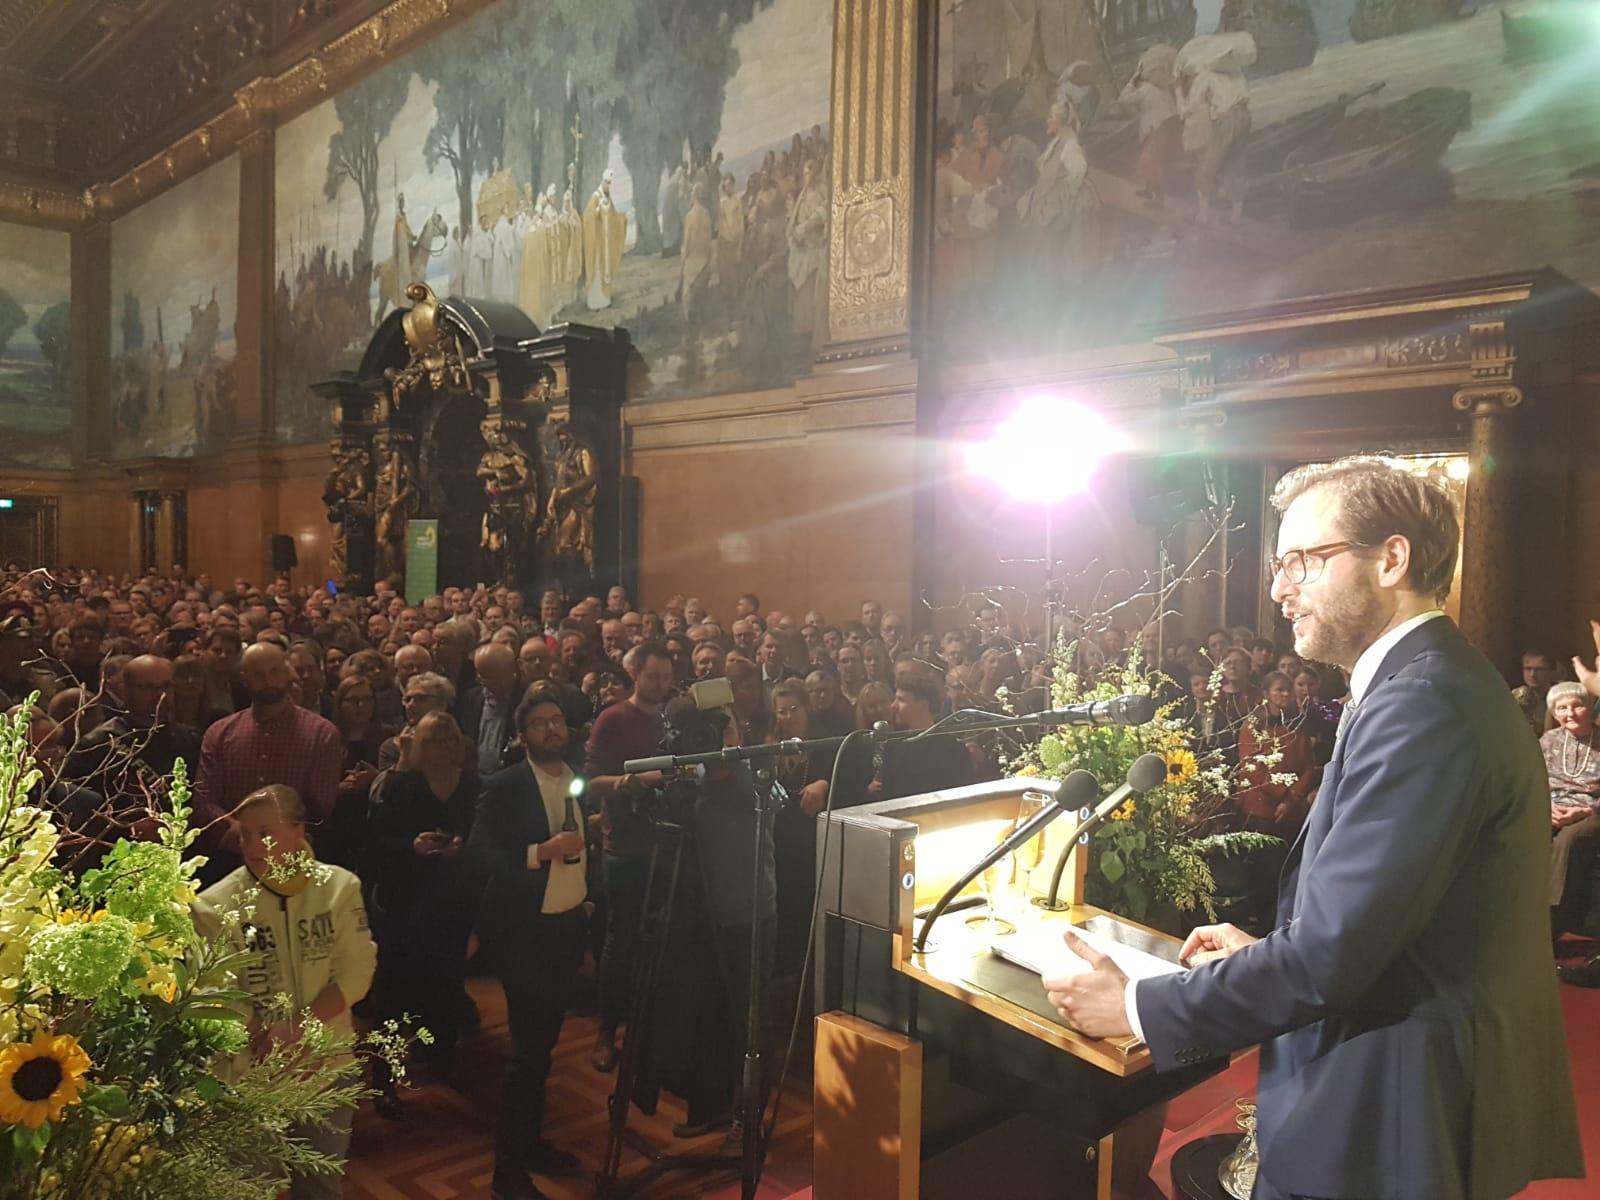 Anjes Tjarks hält eine Rede im Großen Festsaal des Hamburger Rathauses